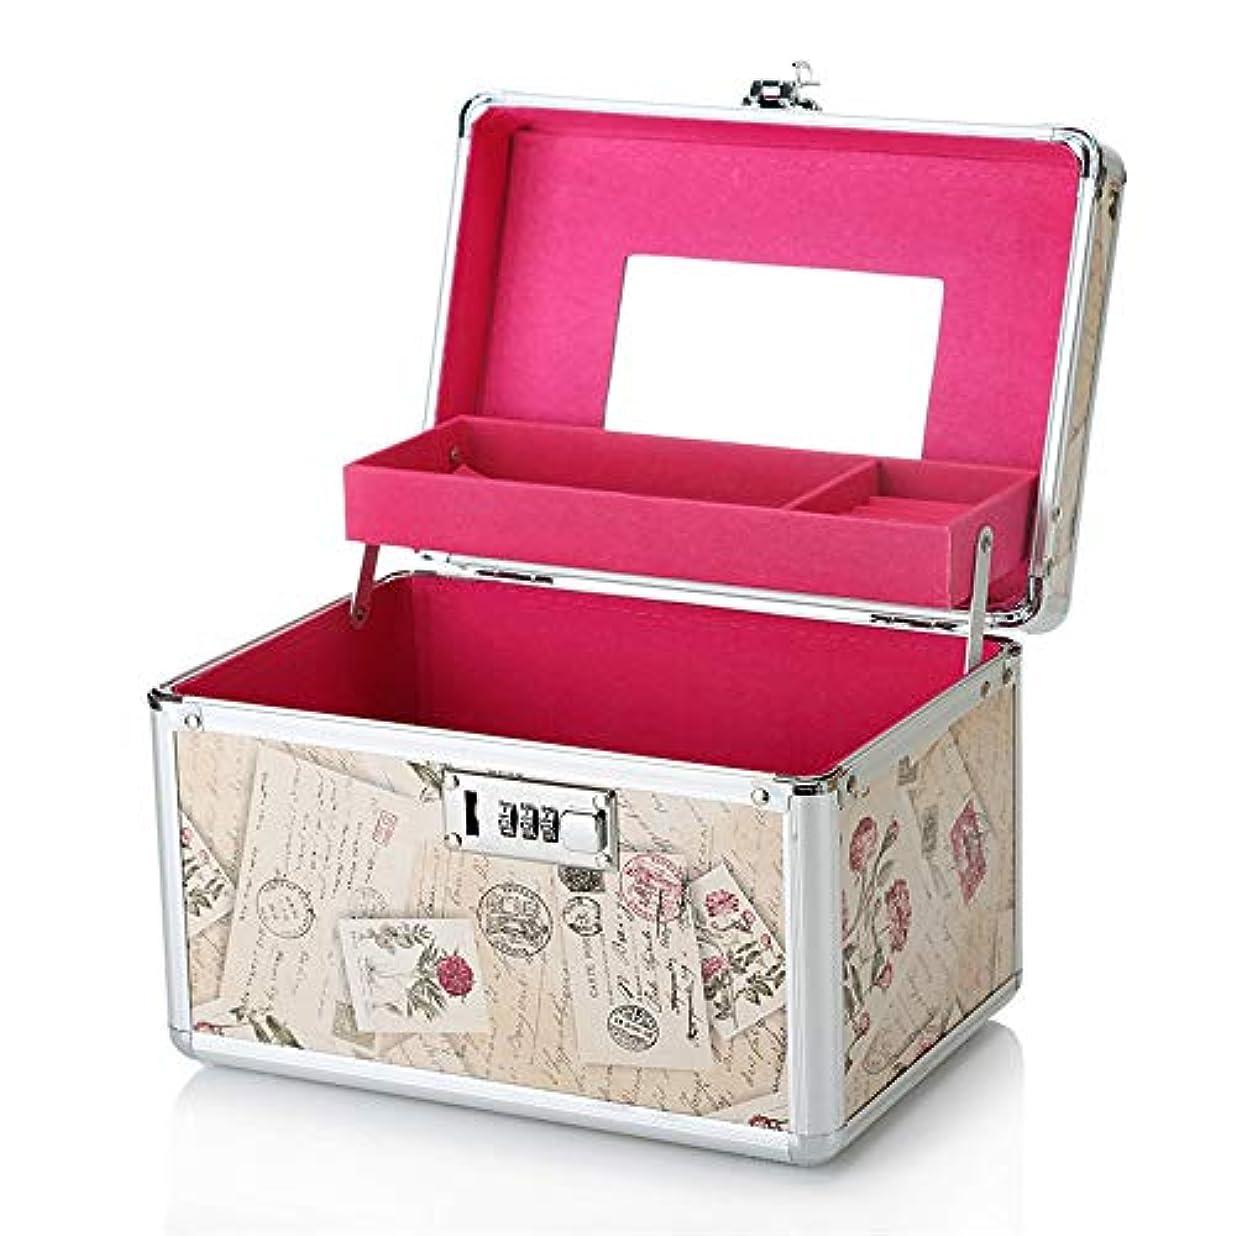 まだ失いらいらさせる特大スペース収納ビューティーボックス 美の構造のためそしてジッパーおよび折る皿が付いている女の子の女性旅行そして毎日の貯蔵のための高容量の携帯用化粧品袋 化粧品化粧台